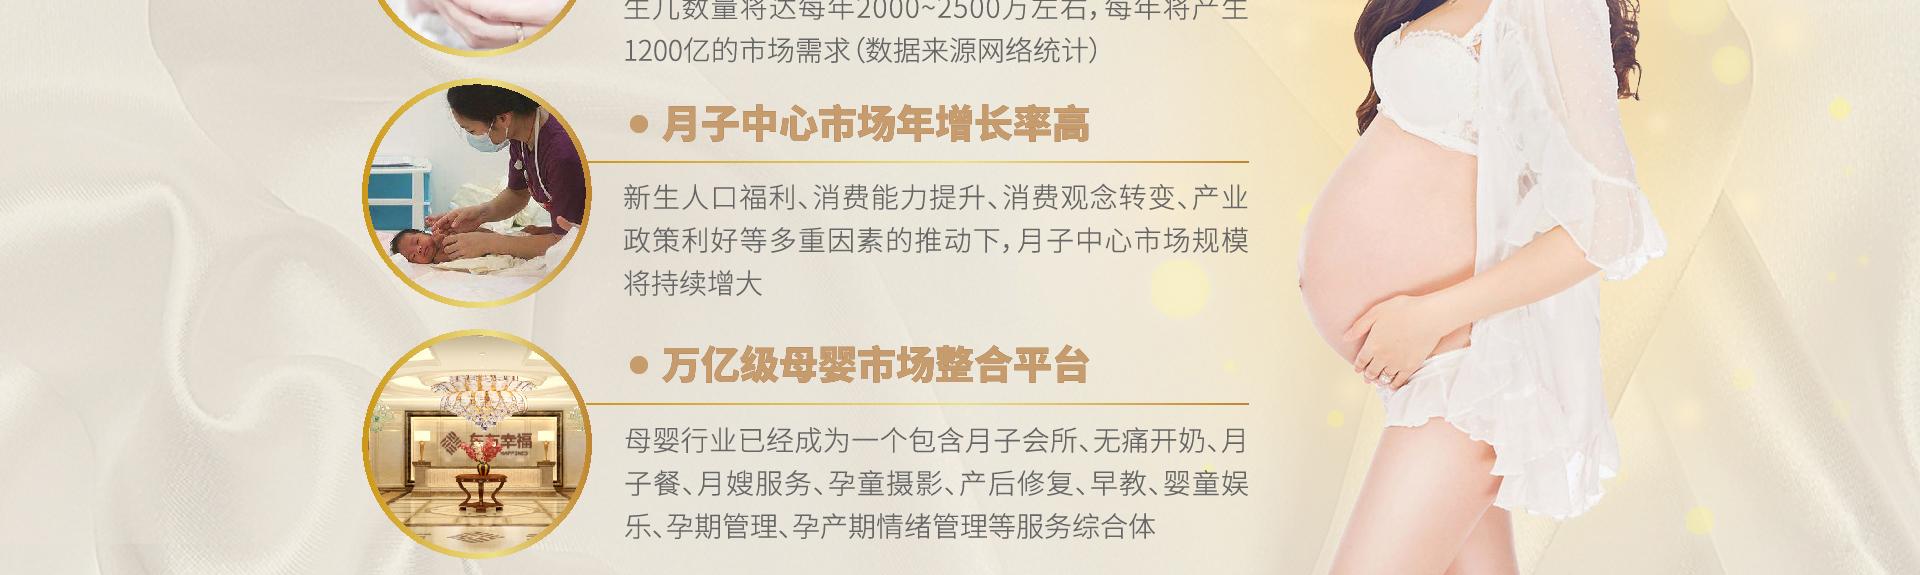 东方幸福月子会所PC_04